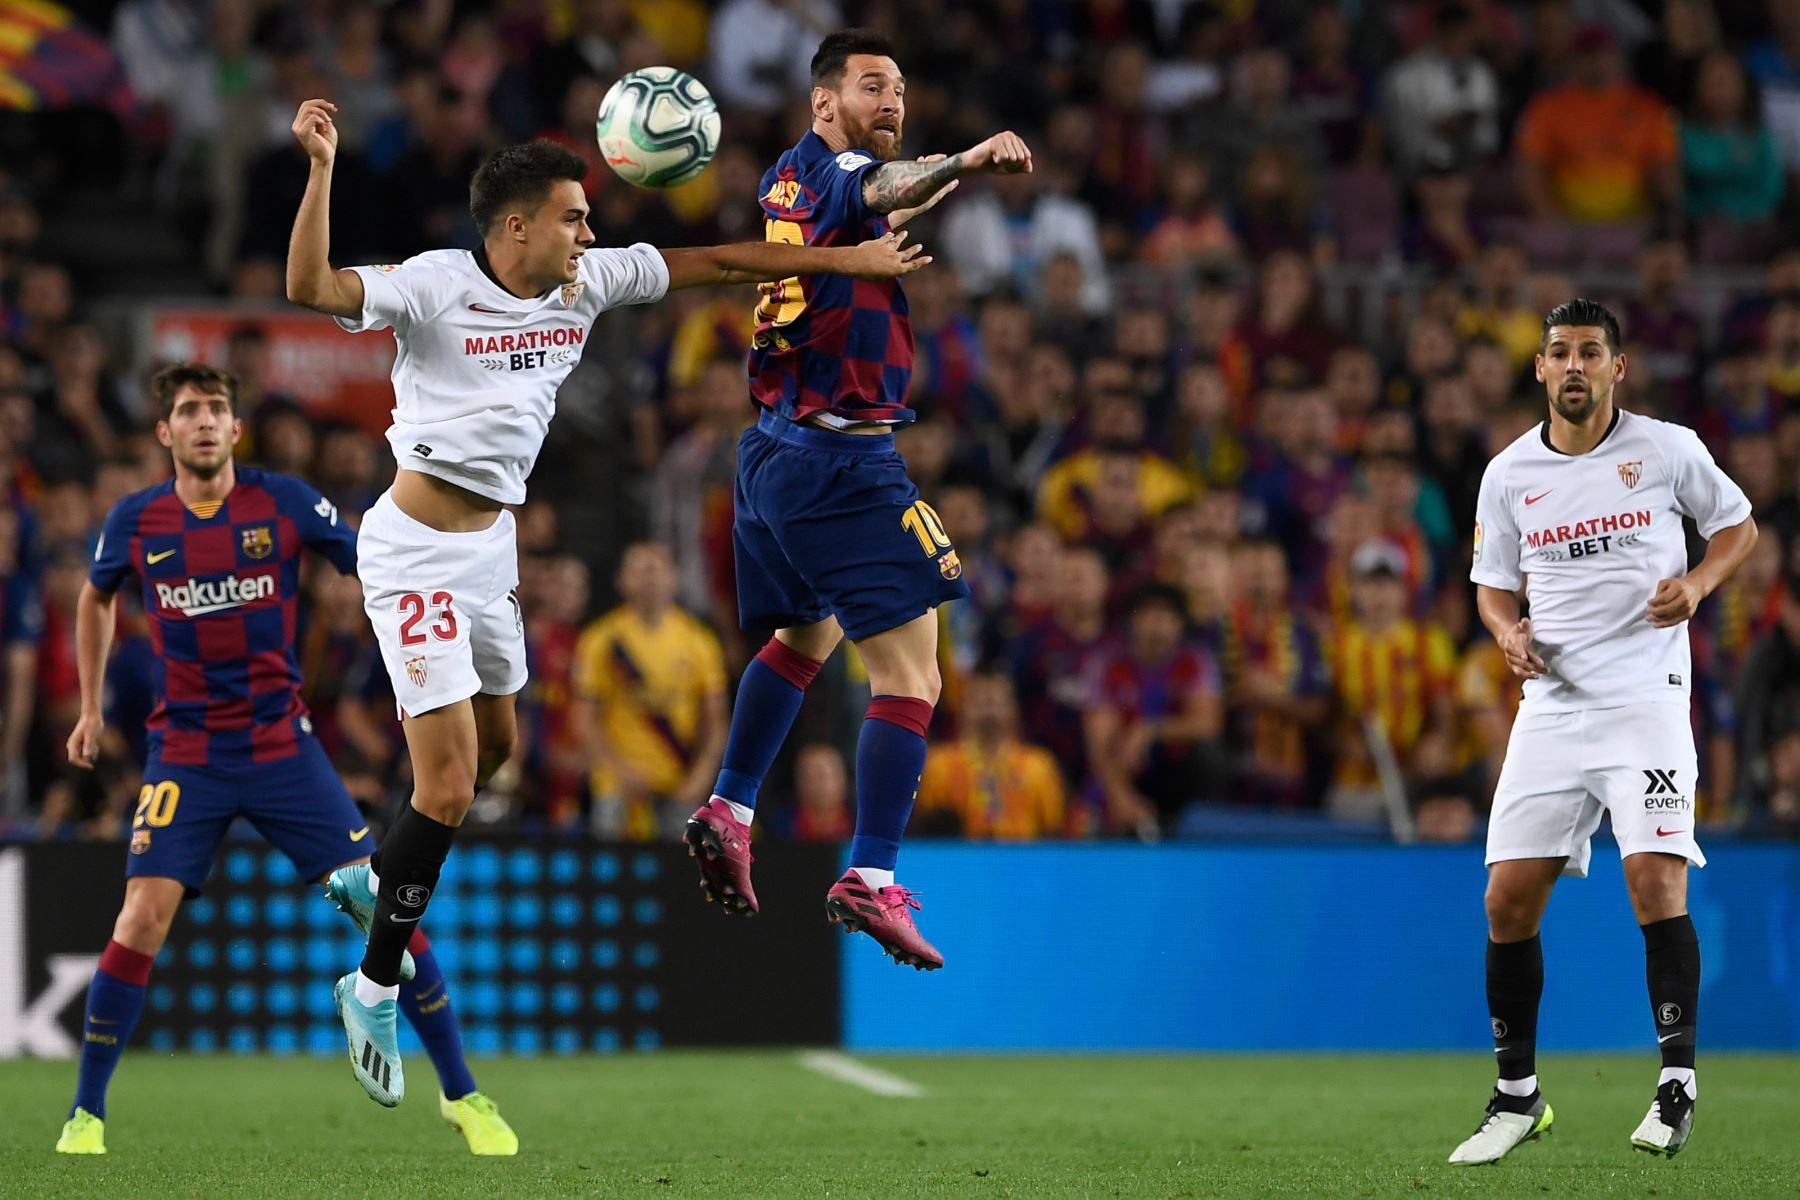 El defensa español de Sevilla Sergio Reguilon compite un balón aéreo contra el astro argentino de Barcelona Lionel Messi. Foto: AFP